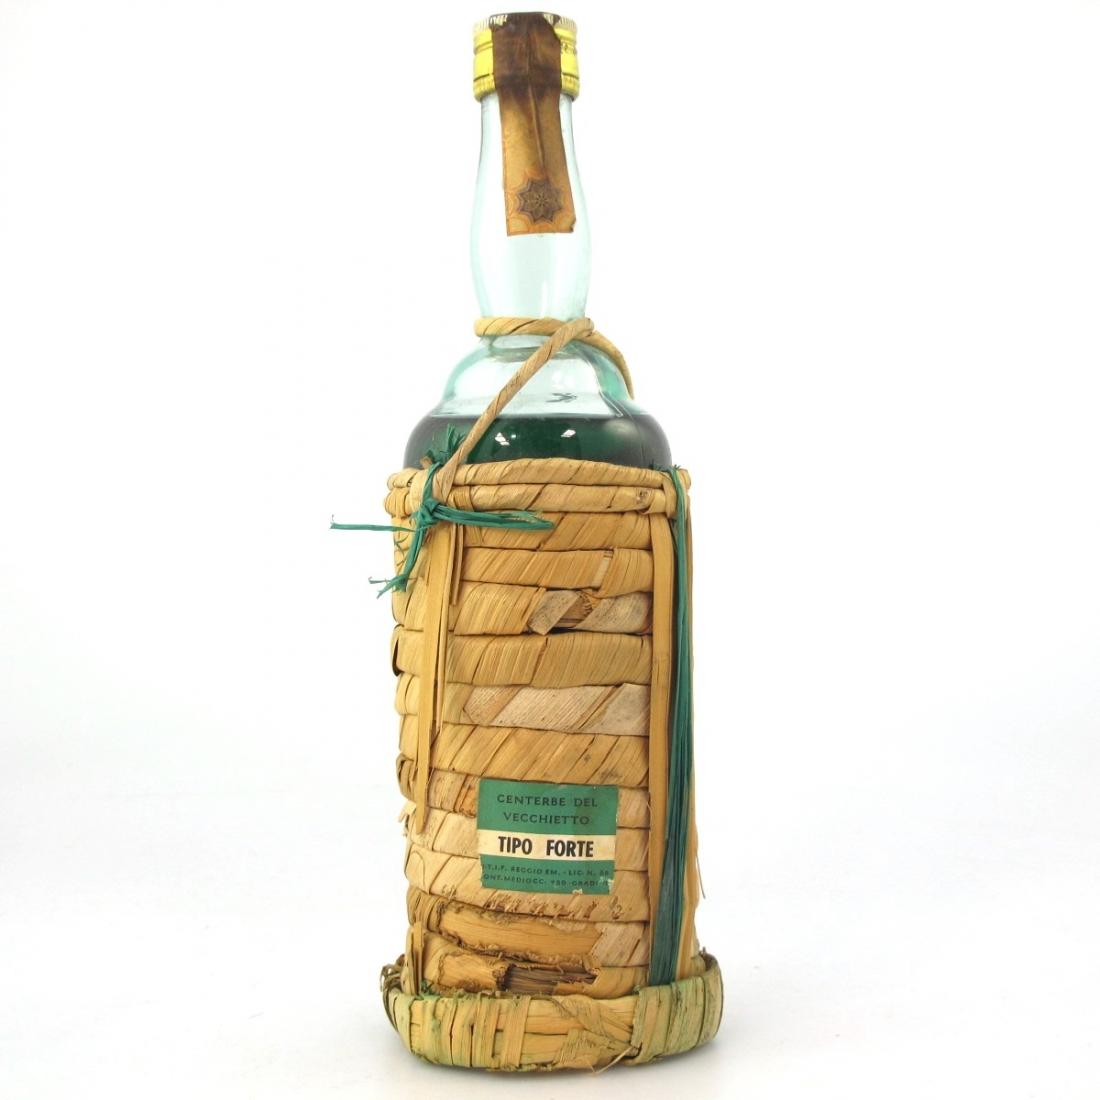 Centerbe De Vecchietto Herbal Liqueur 1970s